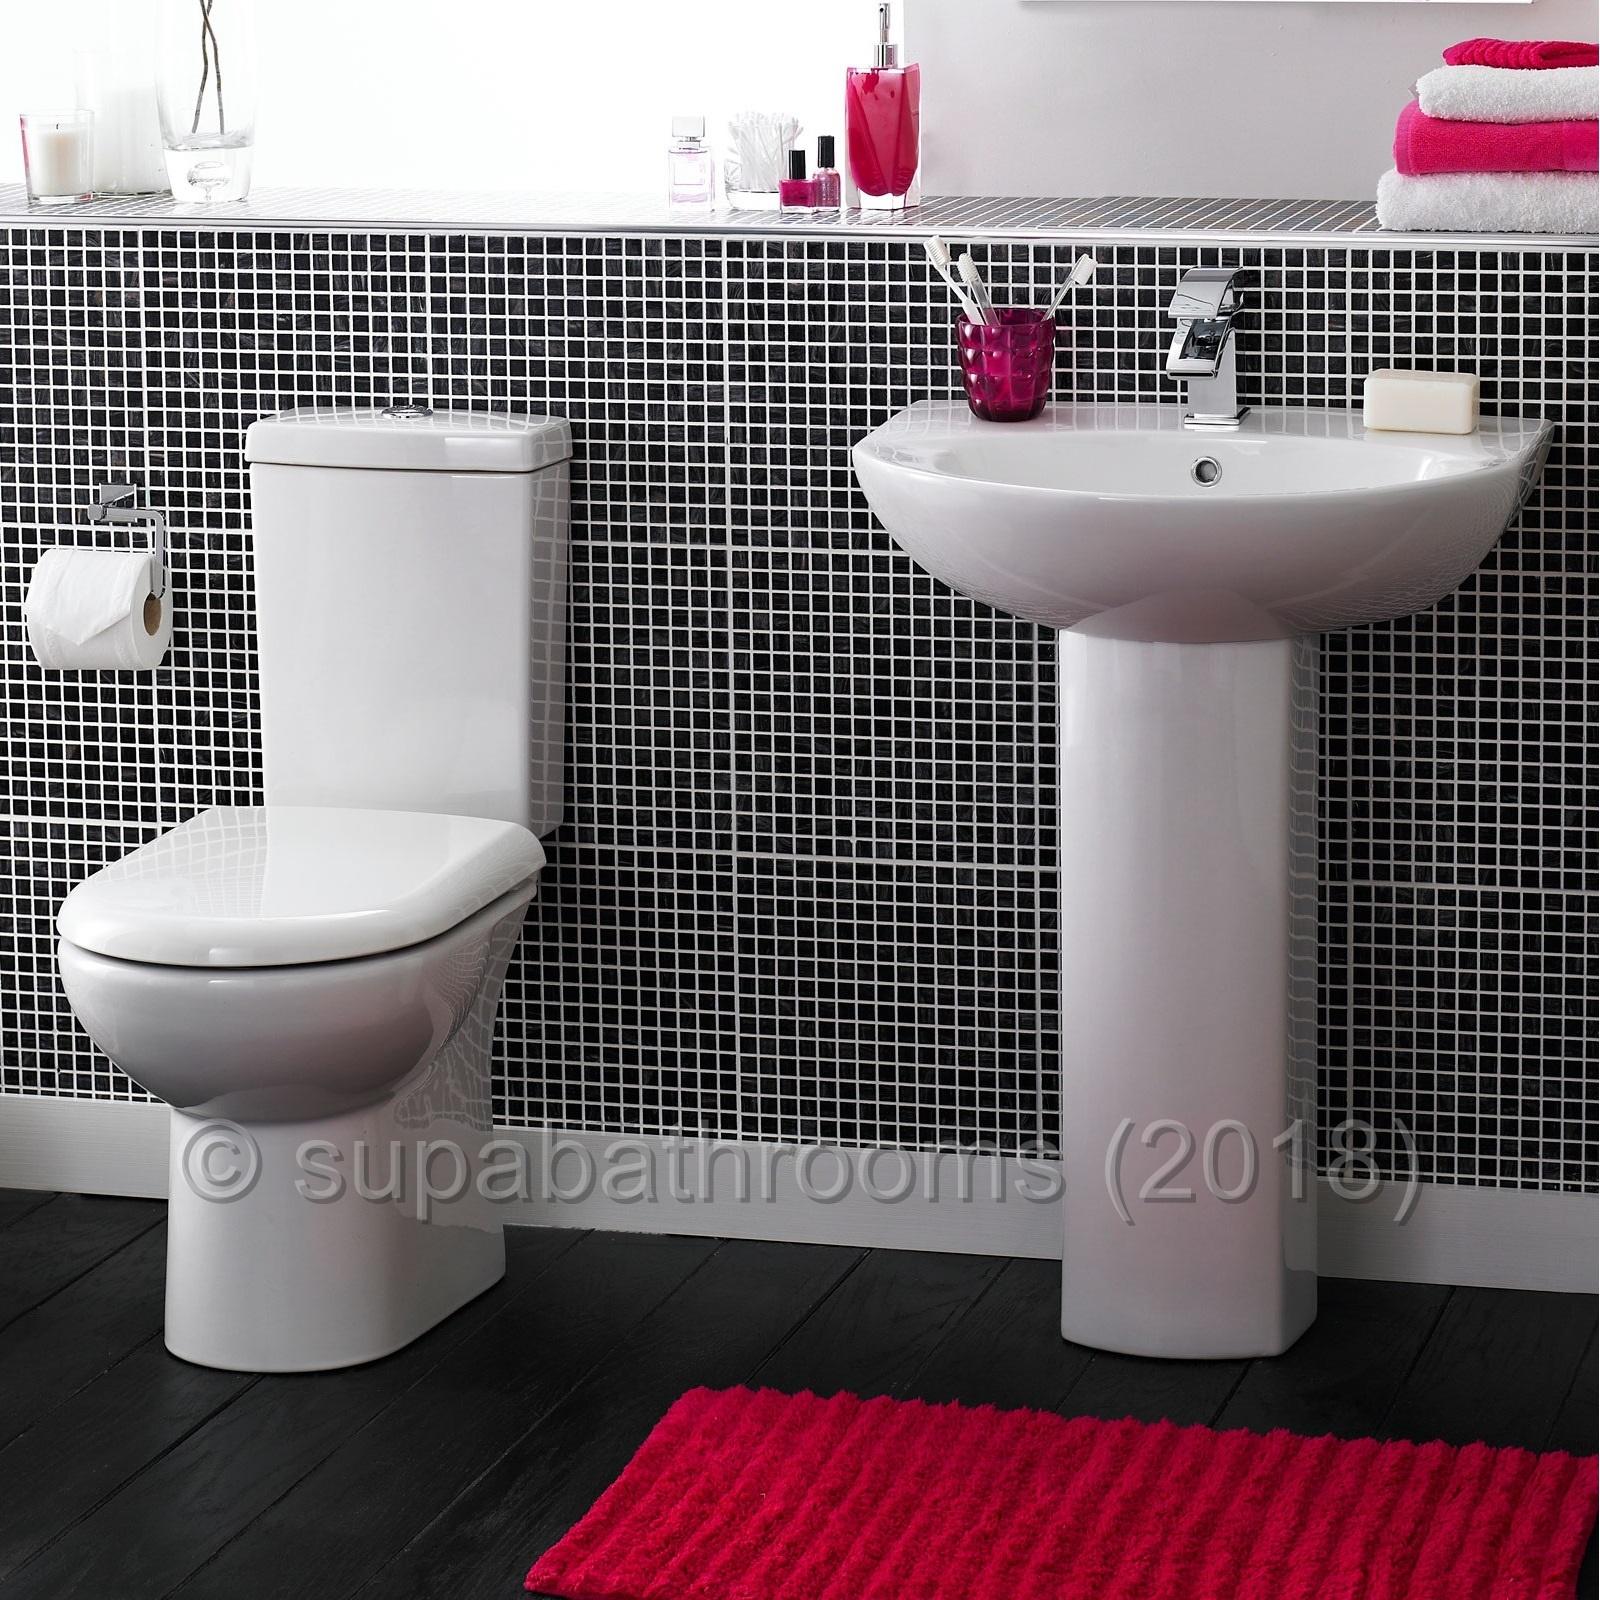 Short Projection 4 Piece Bathroom Toilet Suite Wc Basin